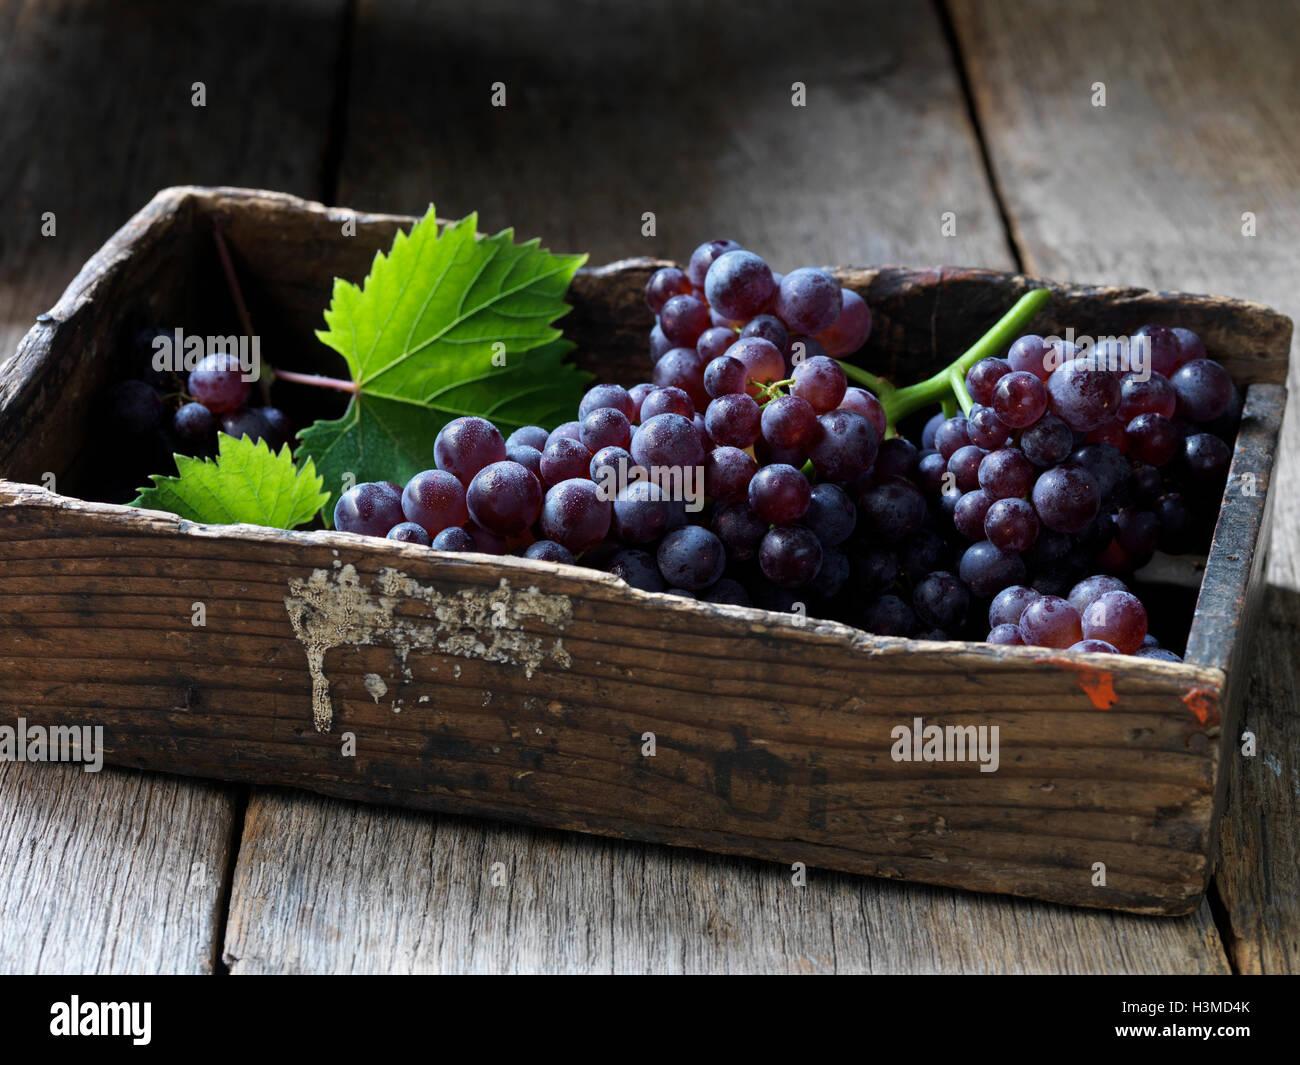 Frisches Bio-Obst, Erdbeer-Trauben Stockbild